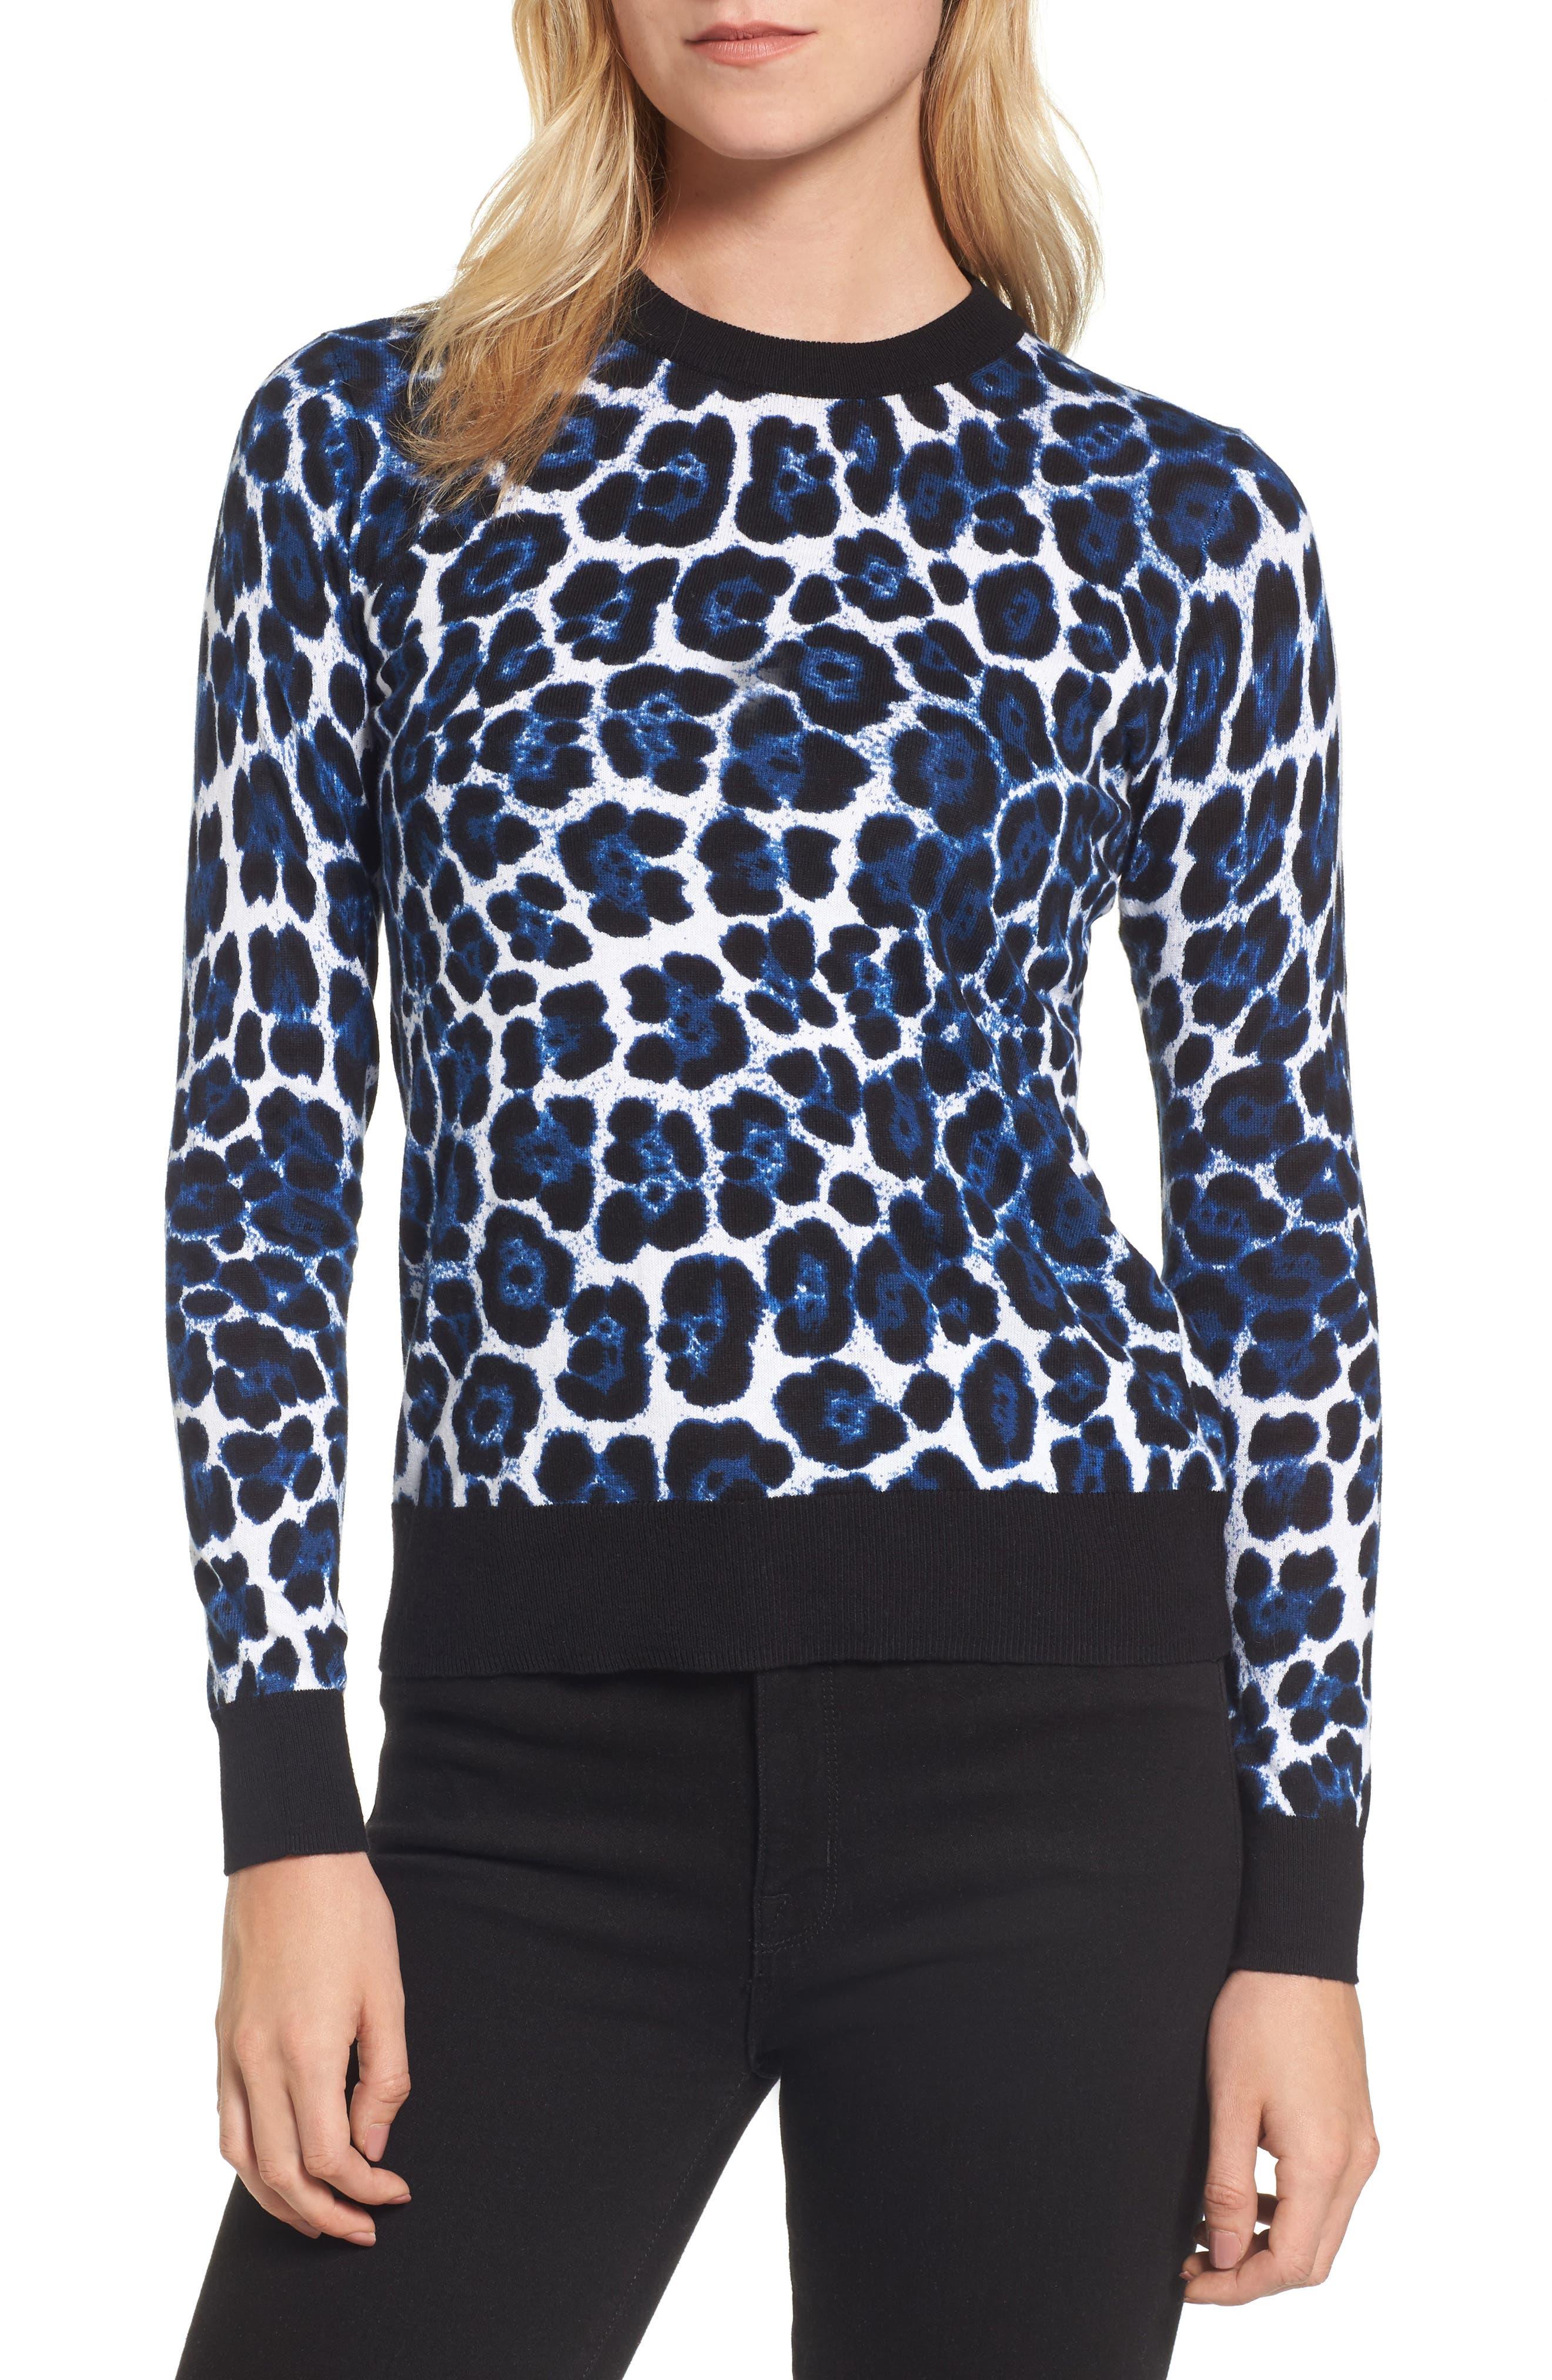 Cheetah Print Sweater,                         Main,                         color, 403